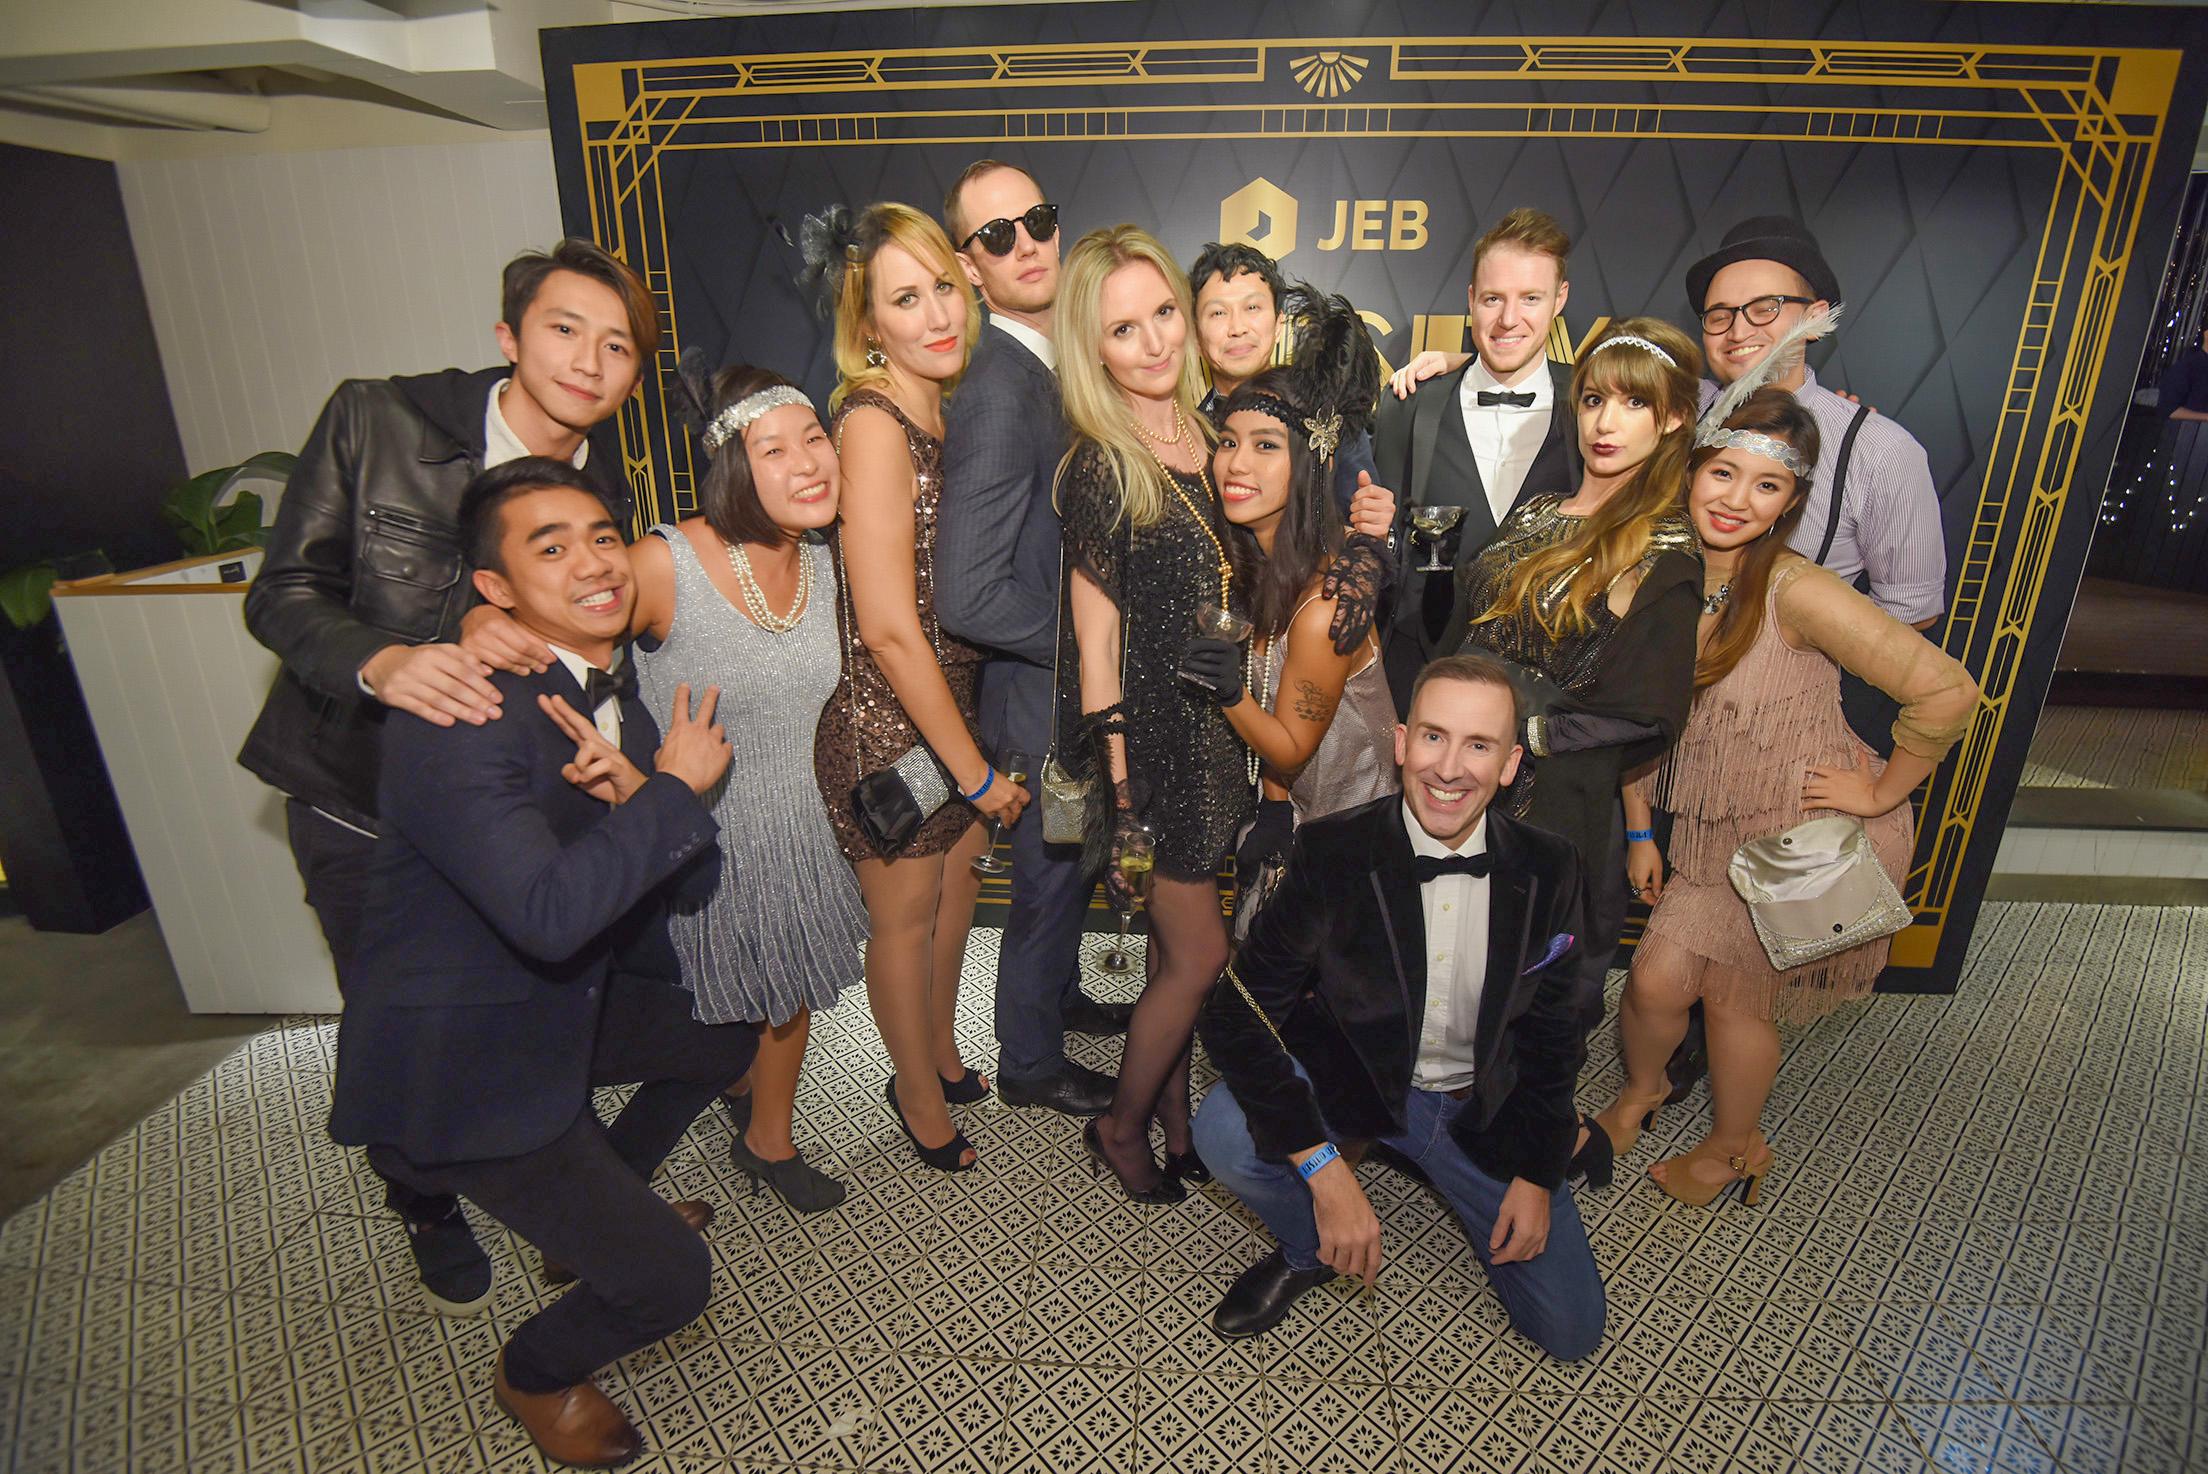 jeb-grat-gatsby-party-group